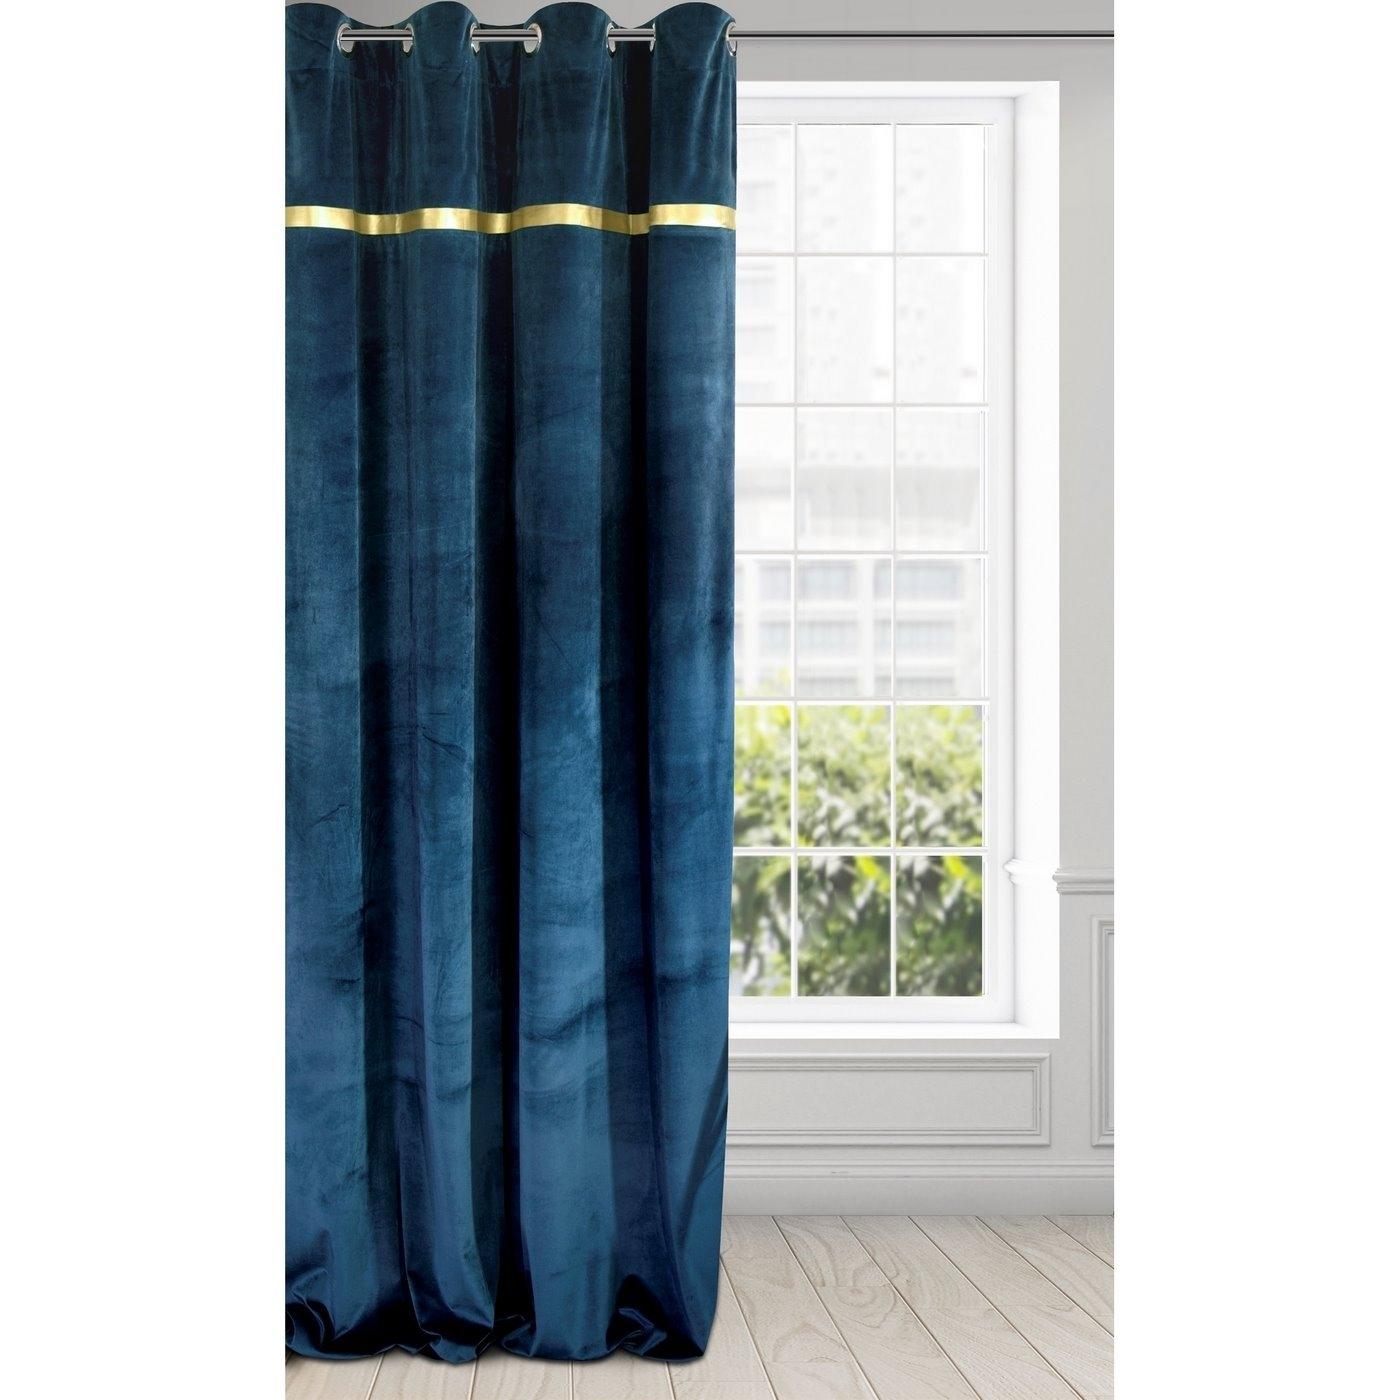 Draperie Emera Velvet Bleumarin, 140 x 250 cm, 1 bucata